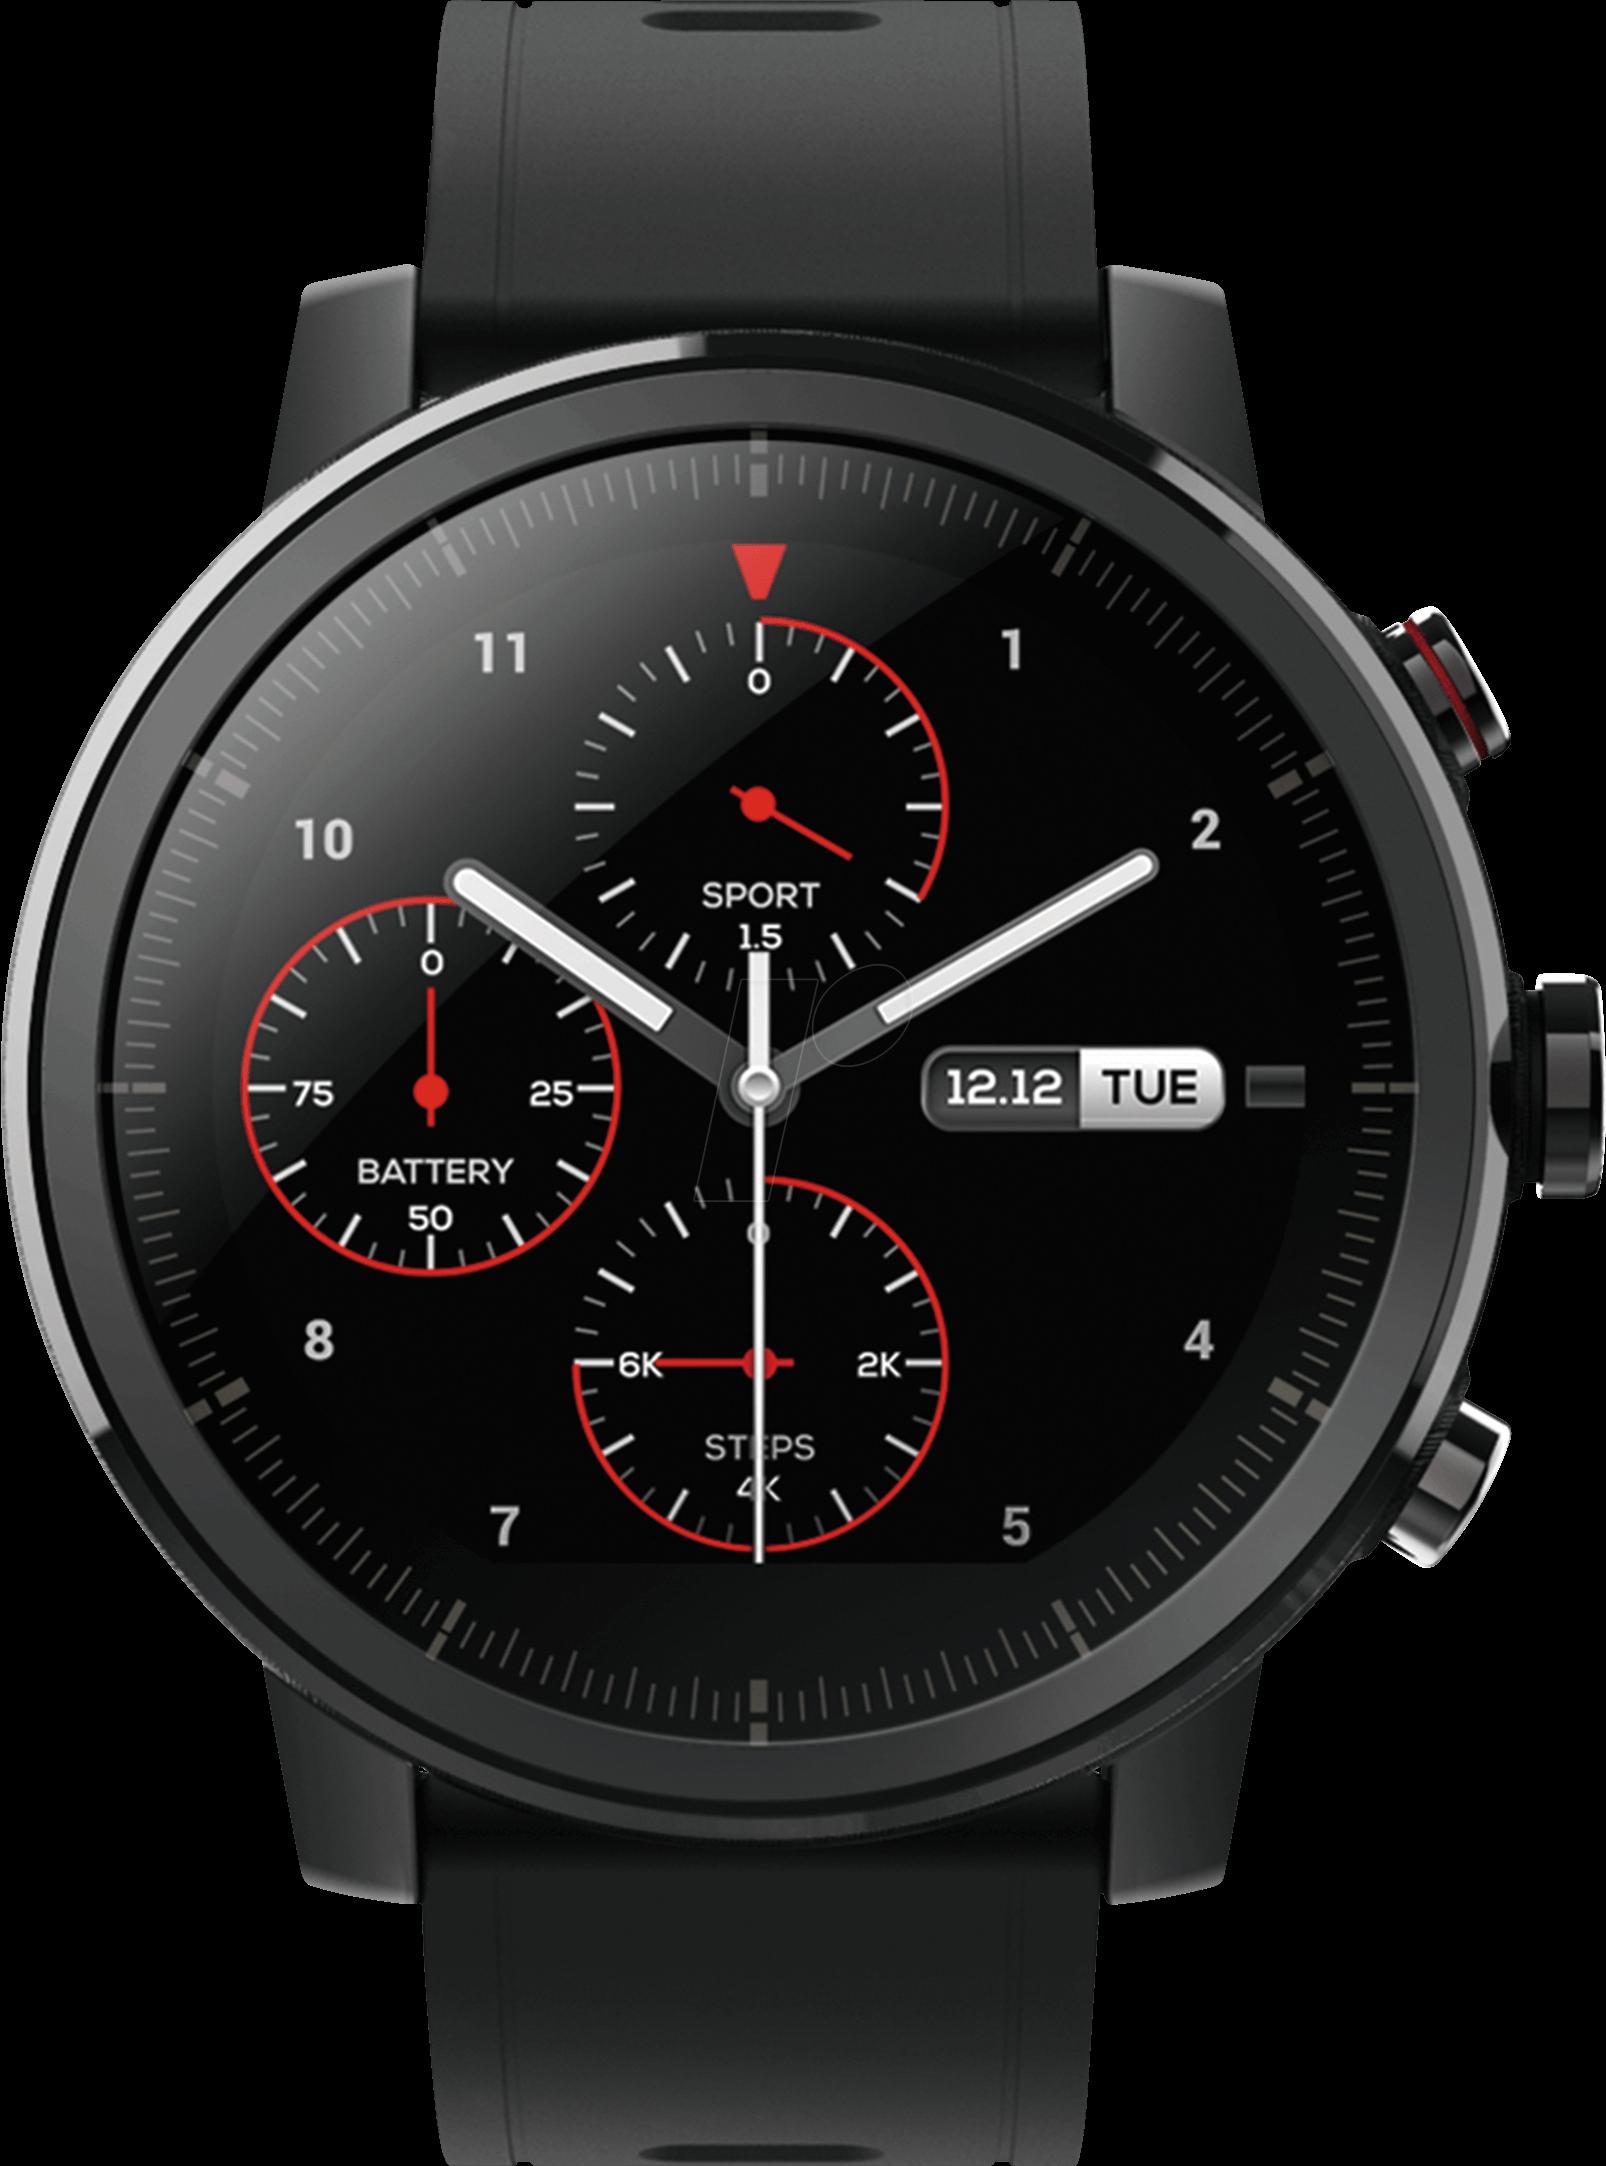 diseño de calidad 09f5c 0fad3 XIAOMI XM100003 - Smartwatch, Mi AMAZFIT STRATOS 2